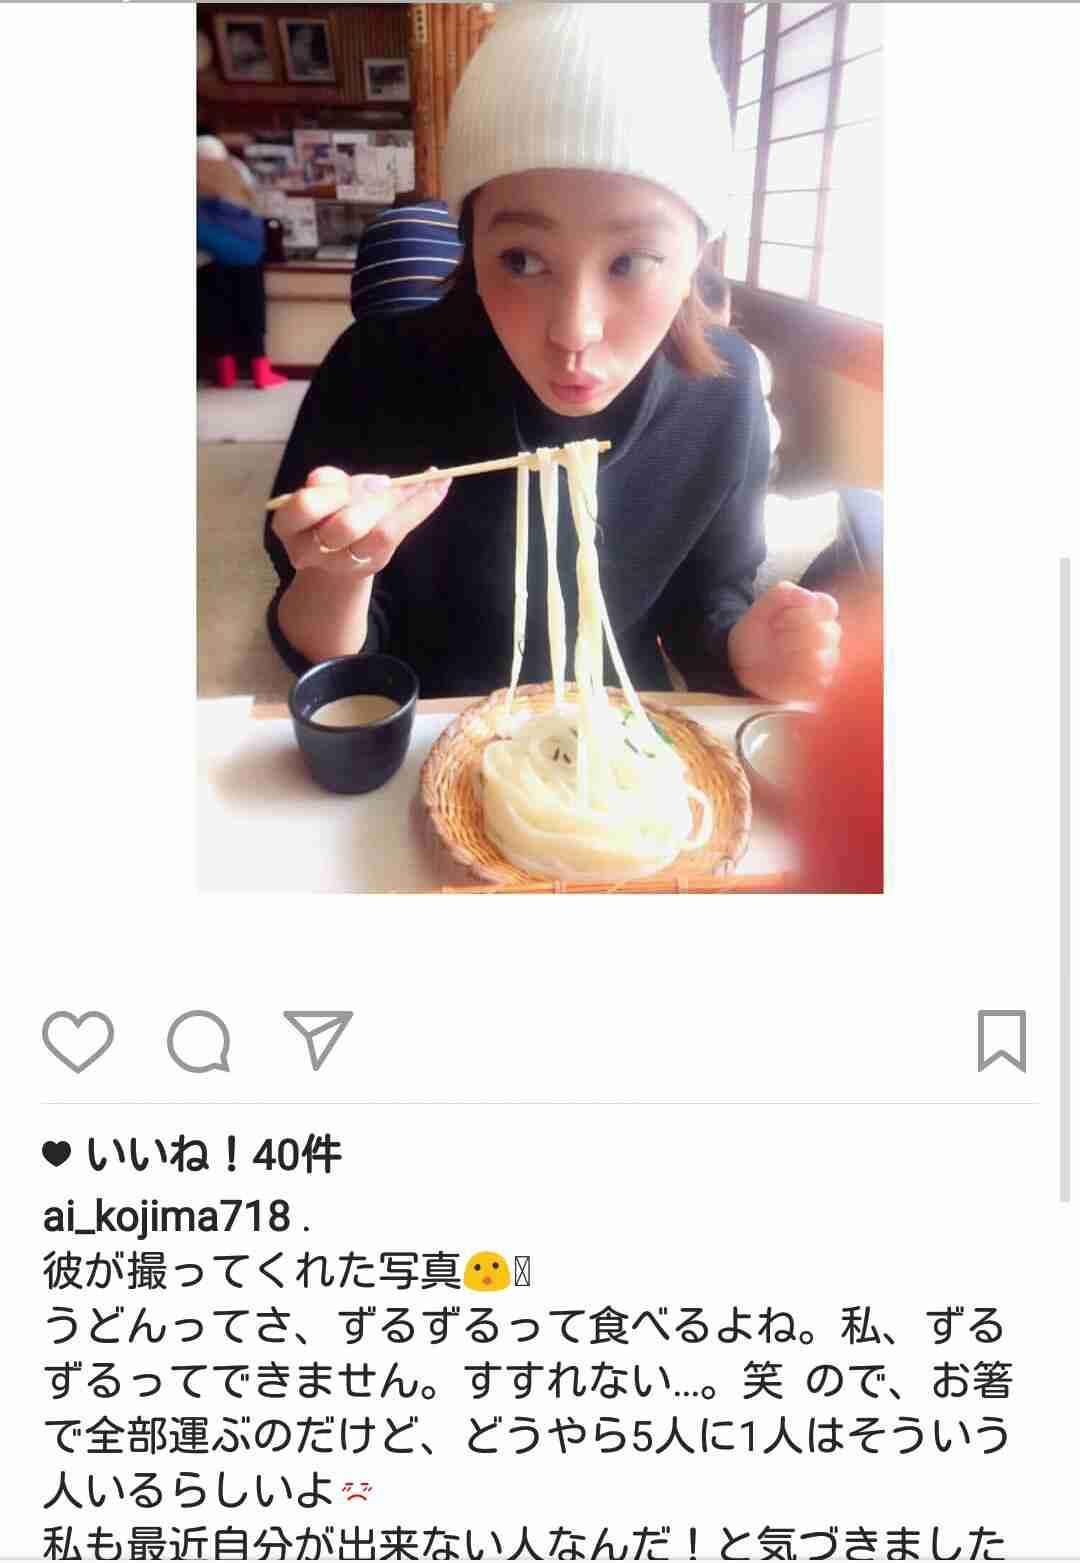 麺すすれない人〜!